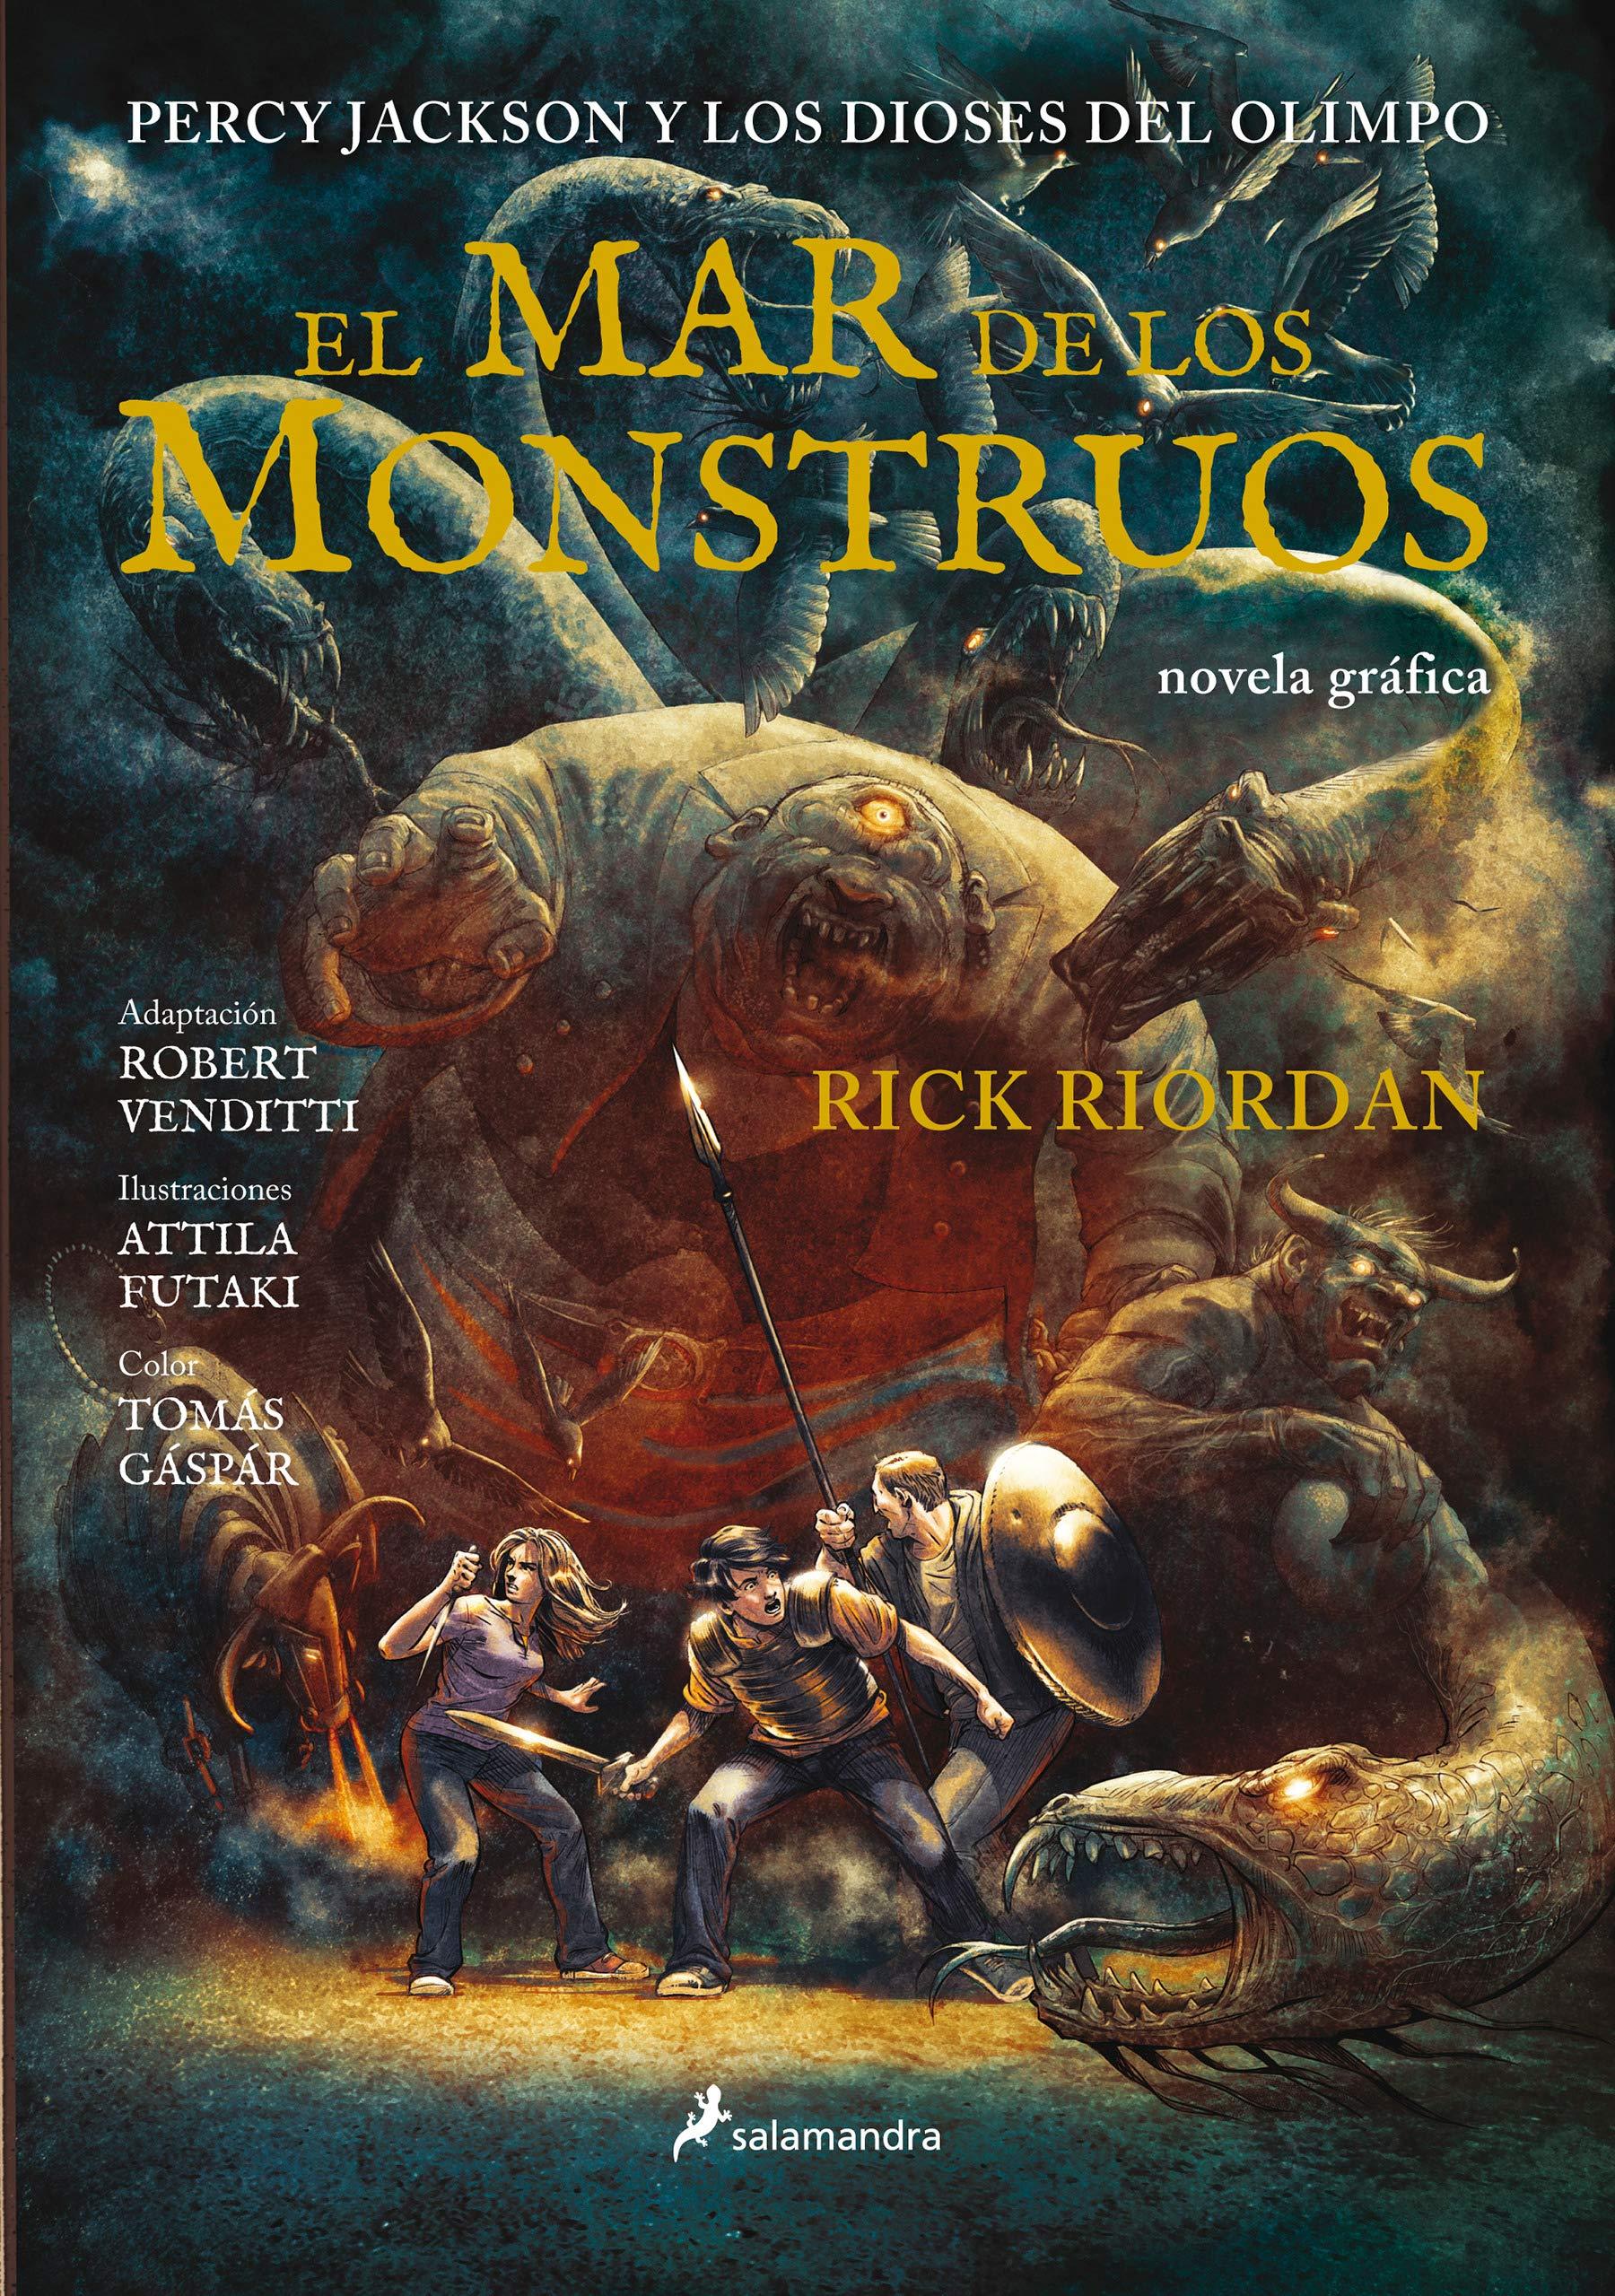 El mar de los monstruos Percy Jackson y los dioses del Olimpo novela gráfica 2 : Percy Jackson y los Dioses del Olimpo II: Amazon.es: Riordan, Rick: Libros